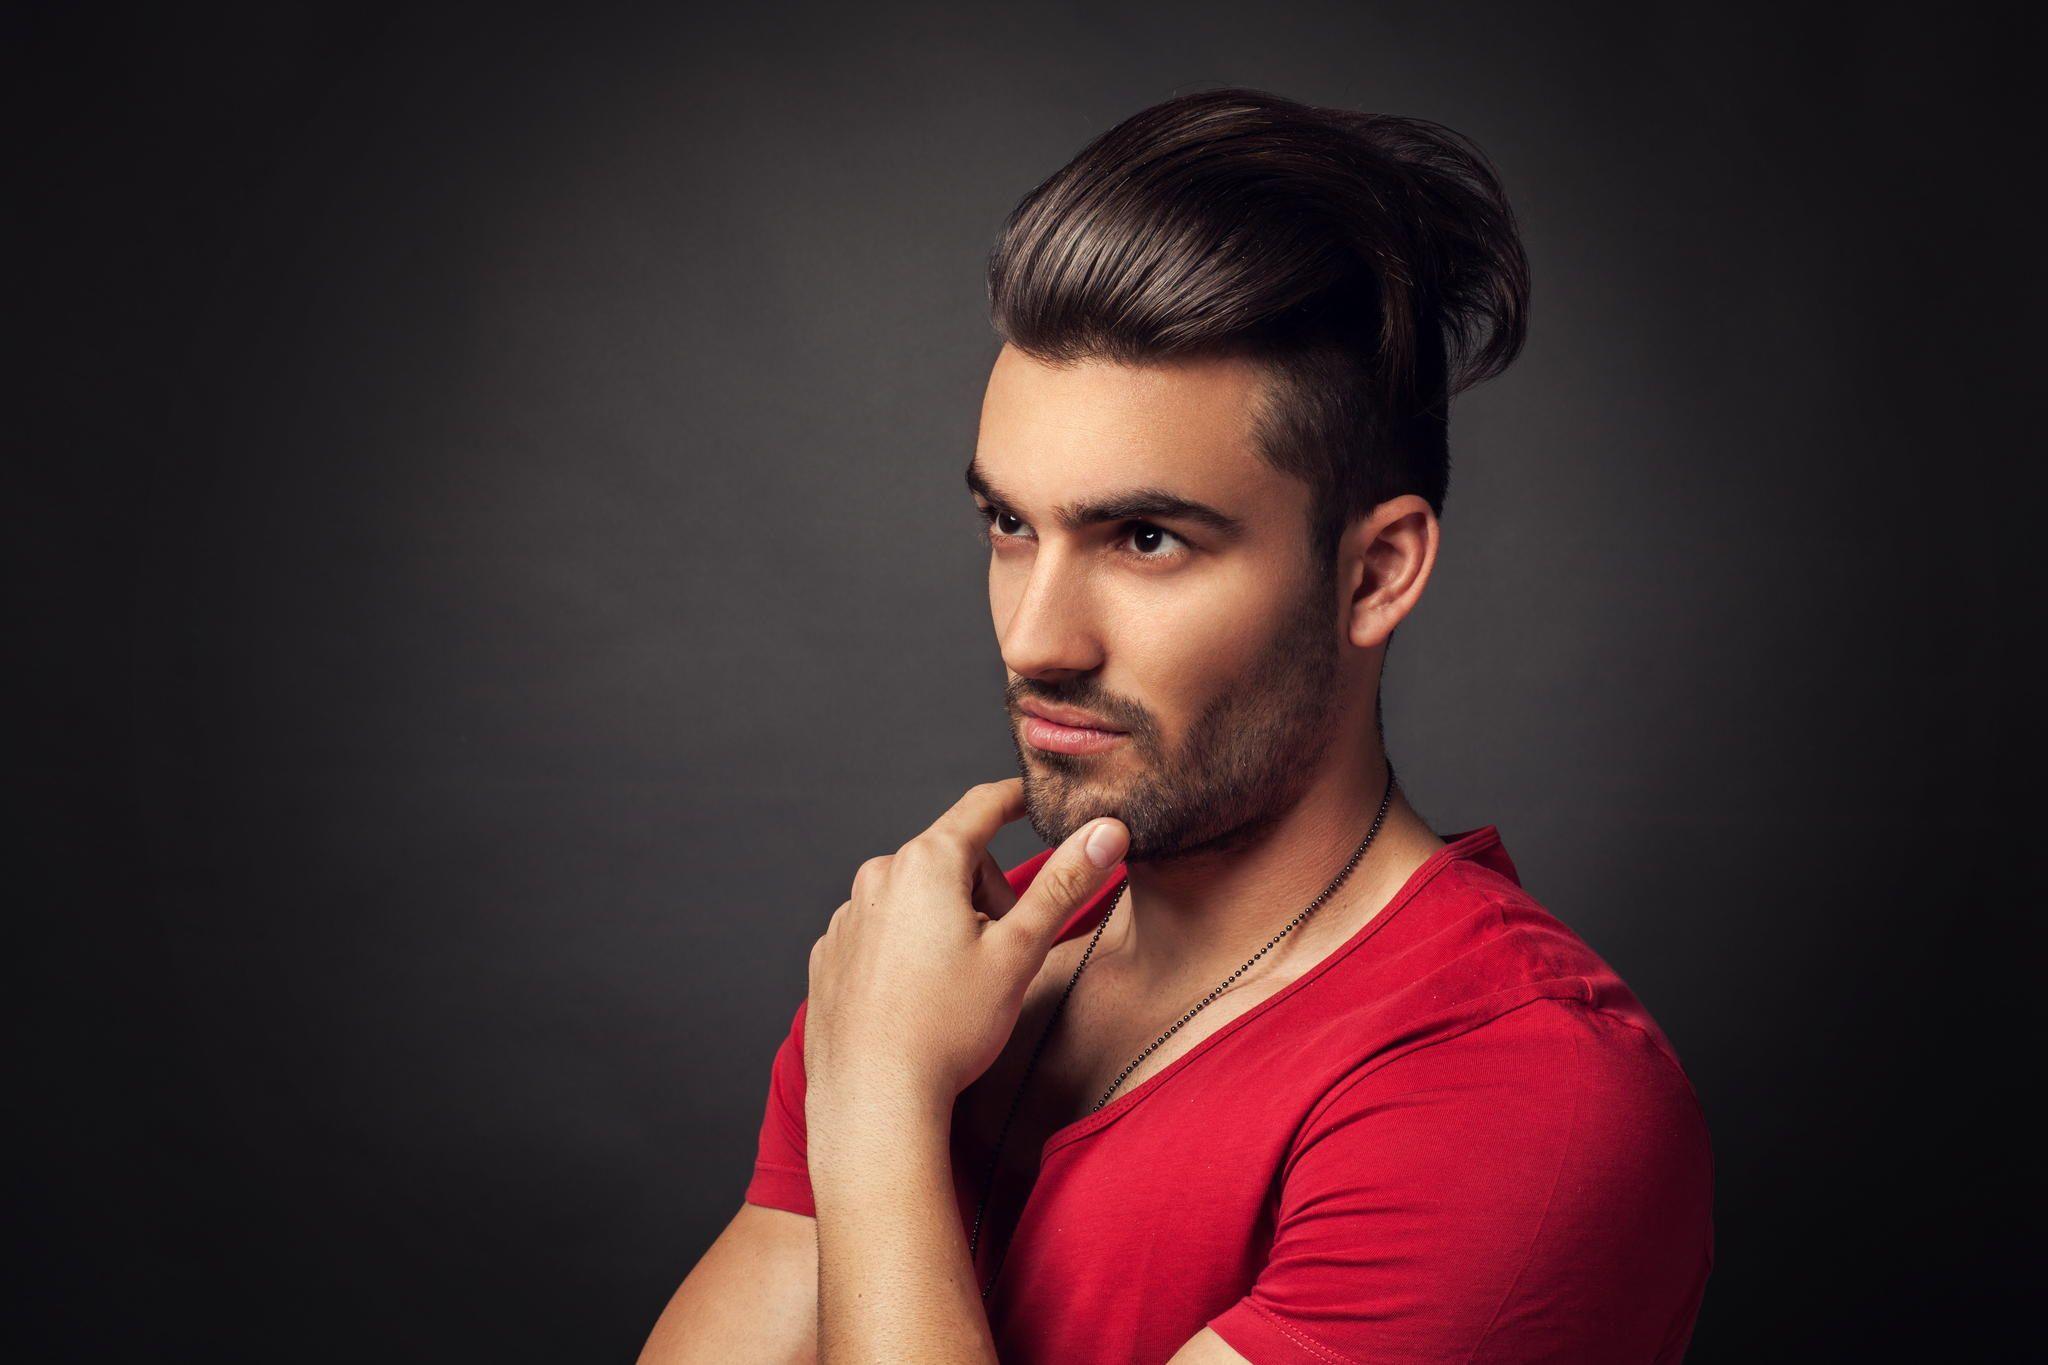 тогда мужские прически для парикмахерской фото рынки пестрят